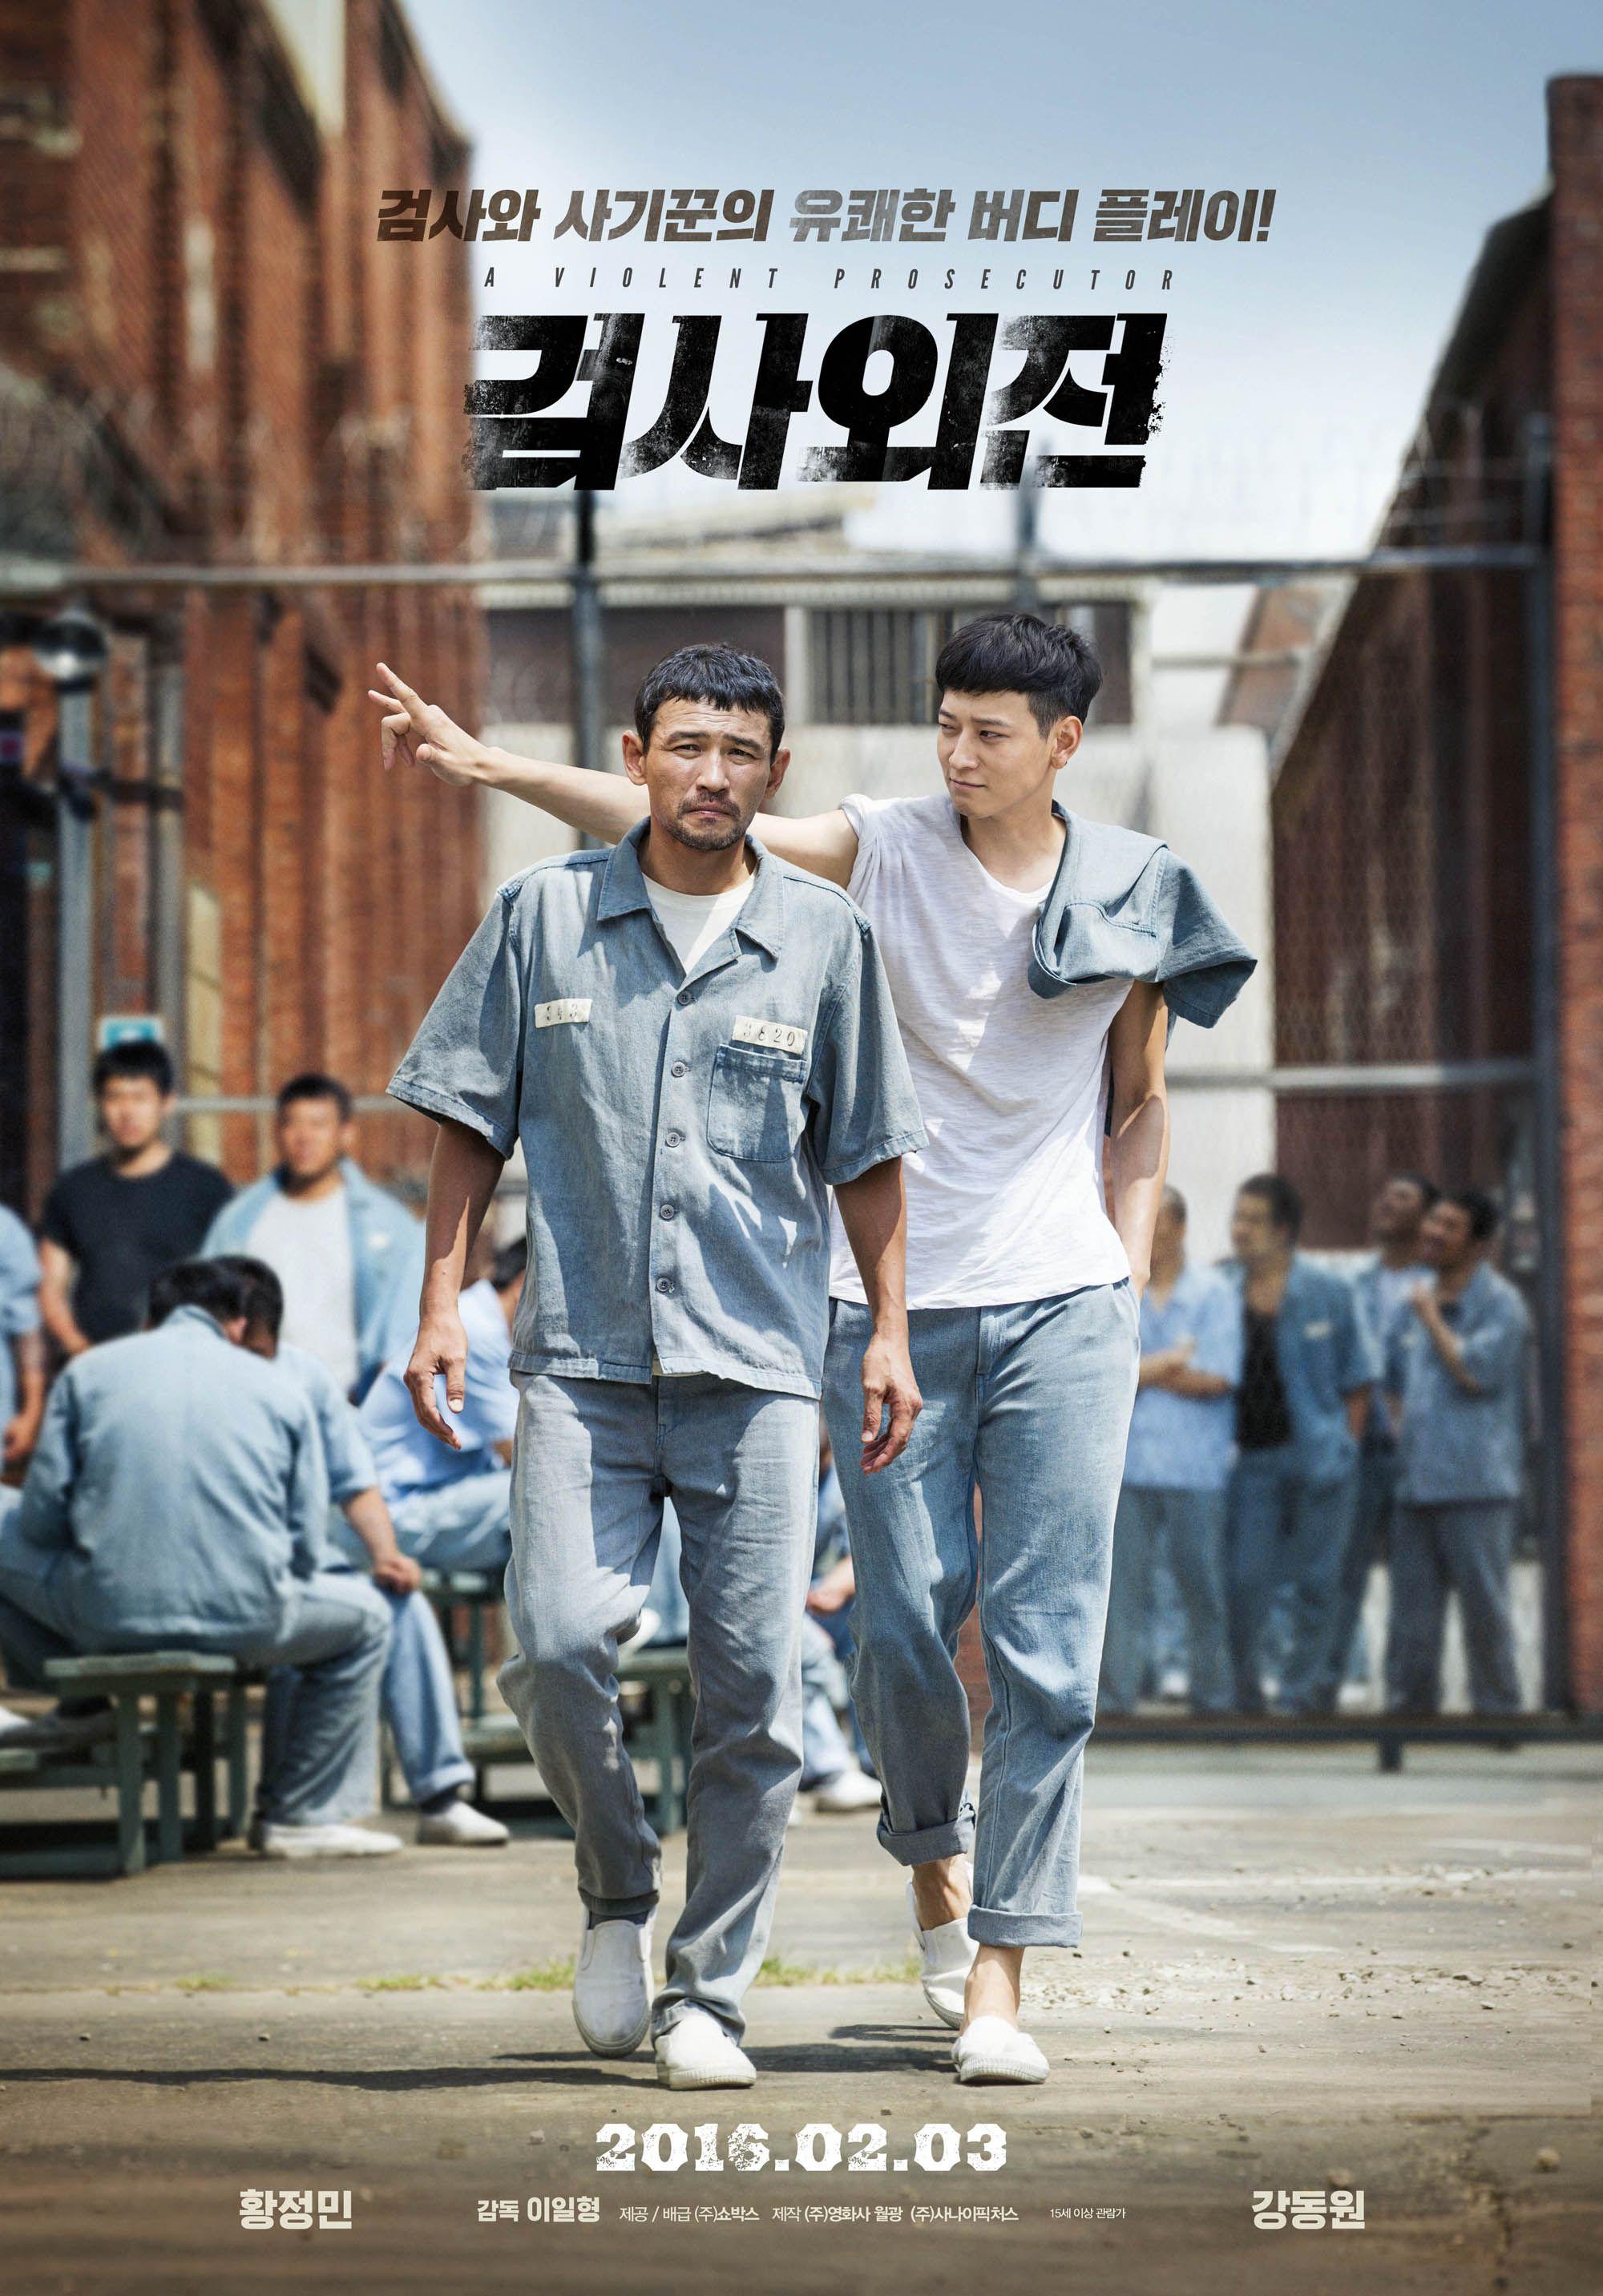 허술함에 지루함을 더하다...★☆ Korean drama movies, Movie posters